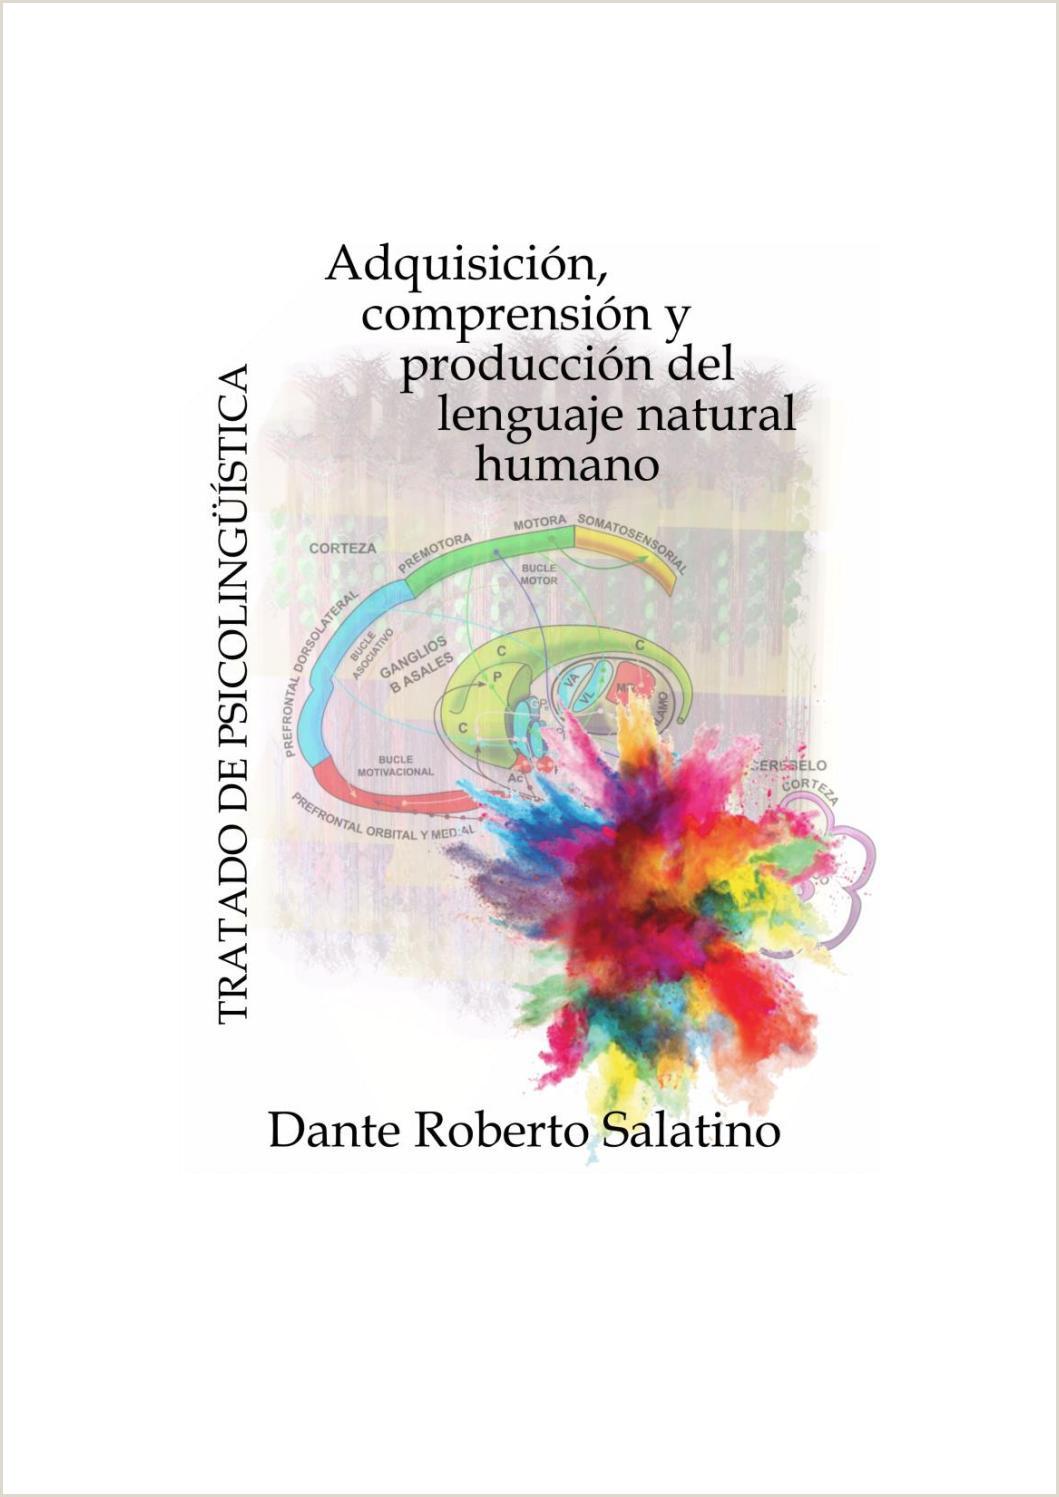 Como Hacer Hacer Una Hoja De Vida Tratado De Psicolingüstica by Dante Salatino issuu